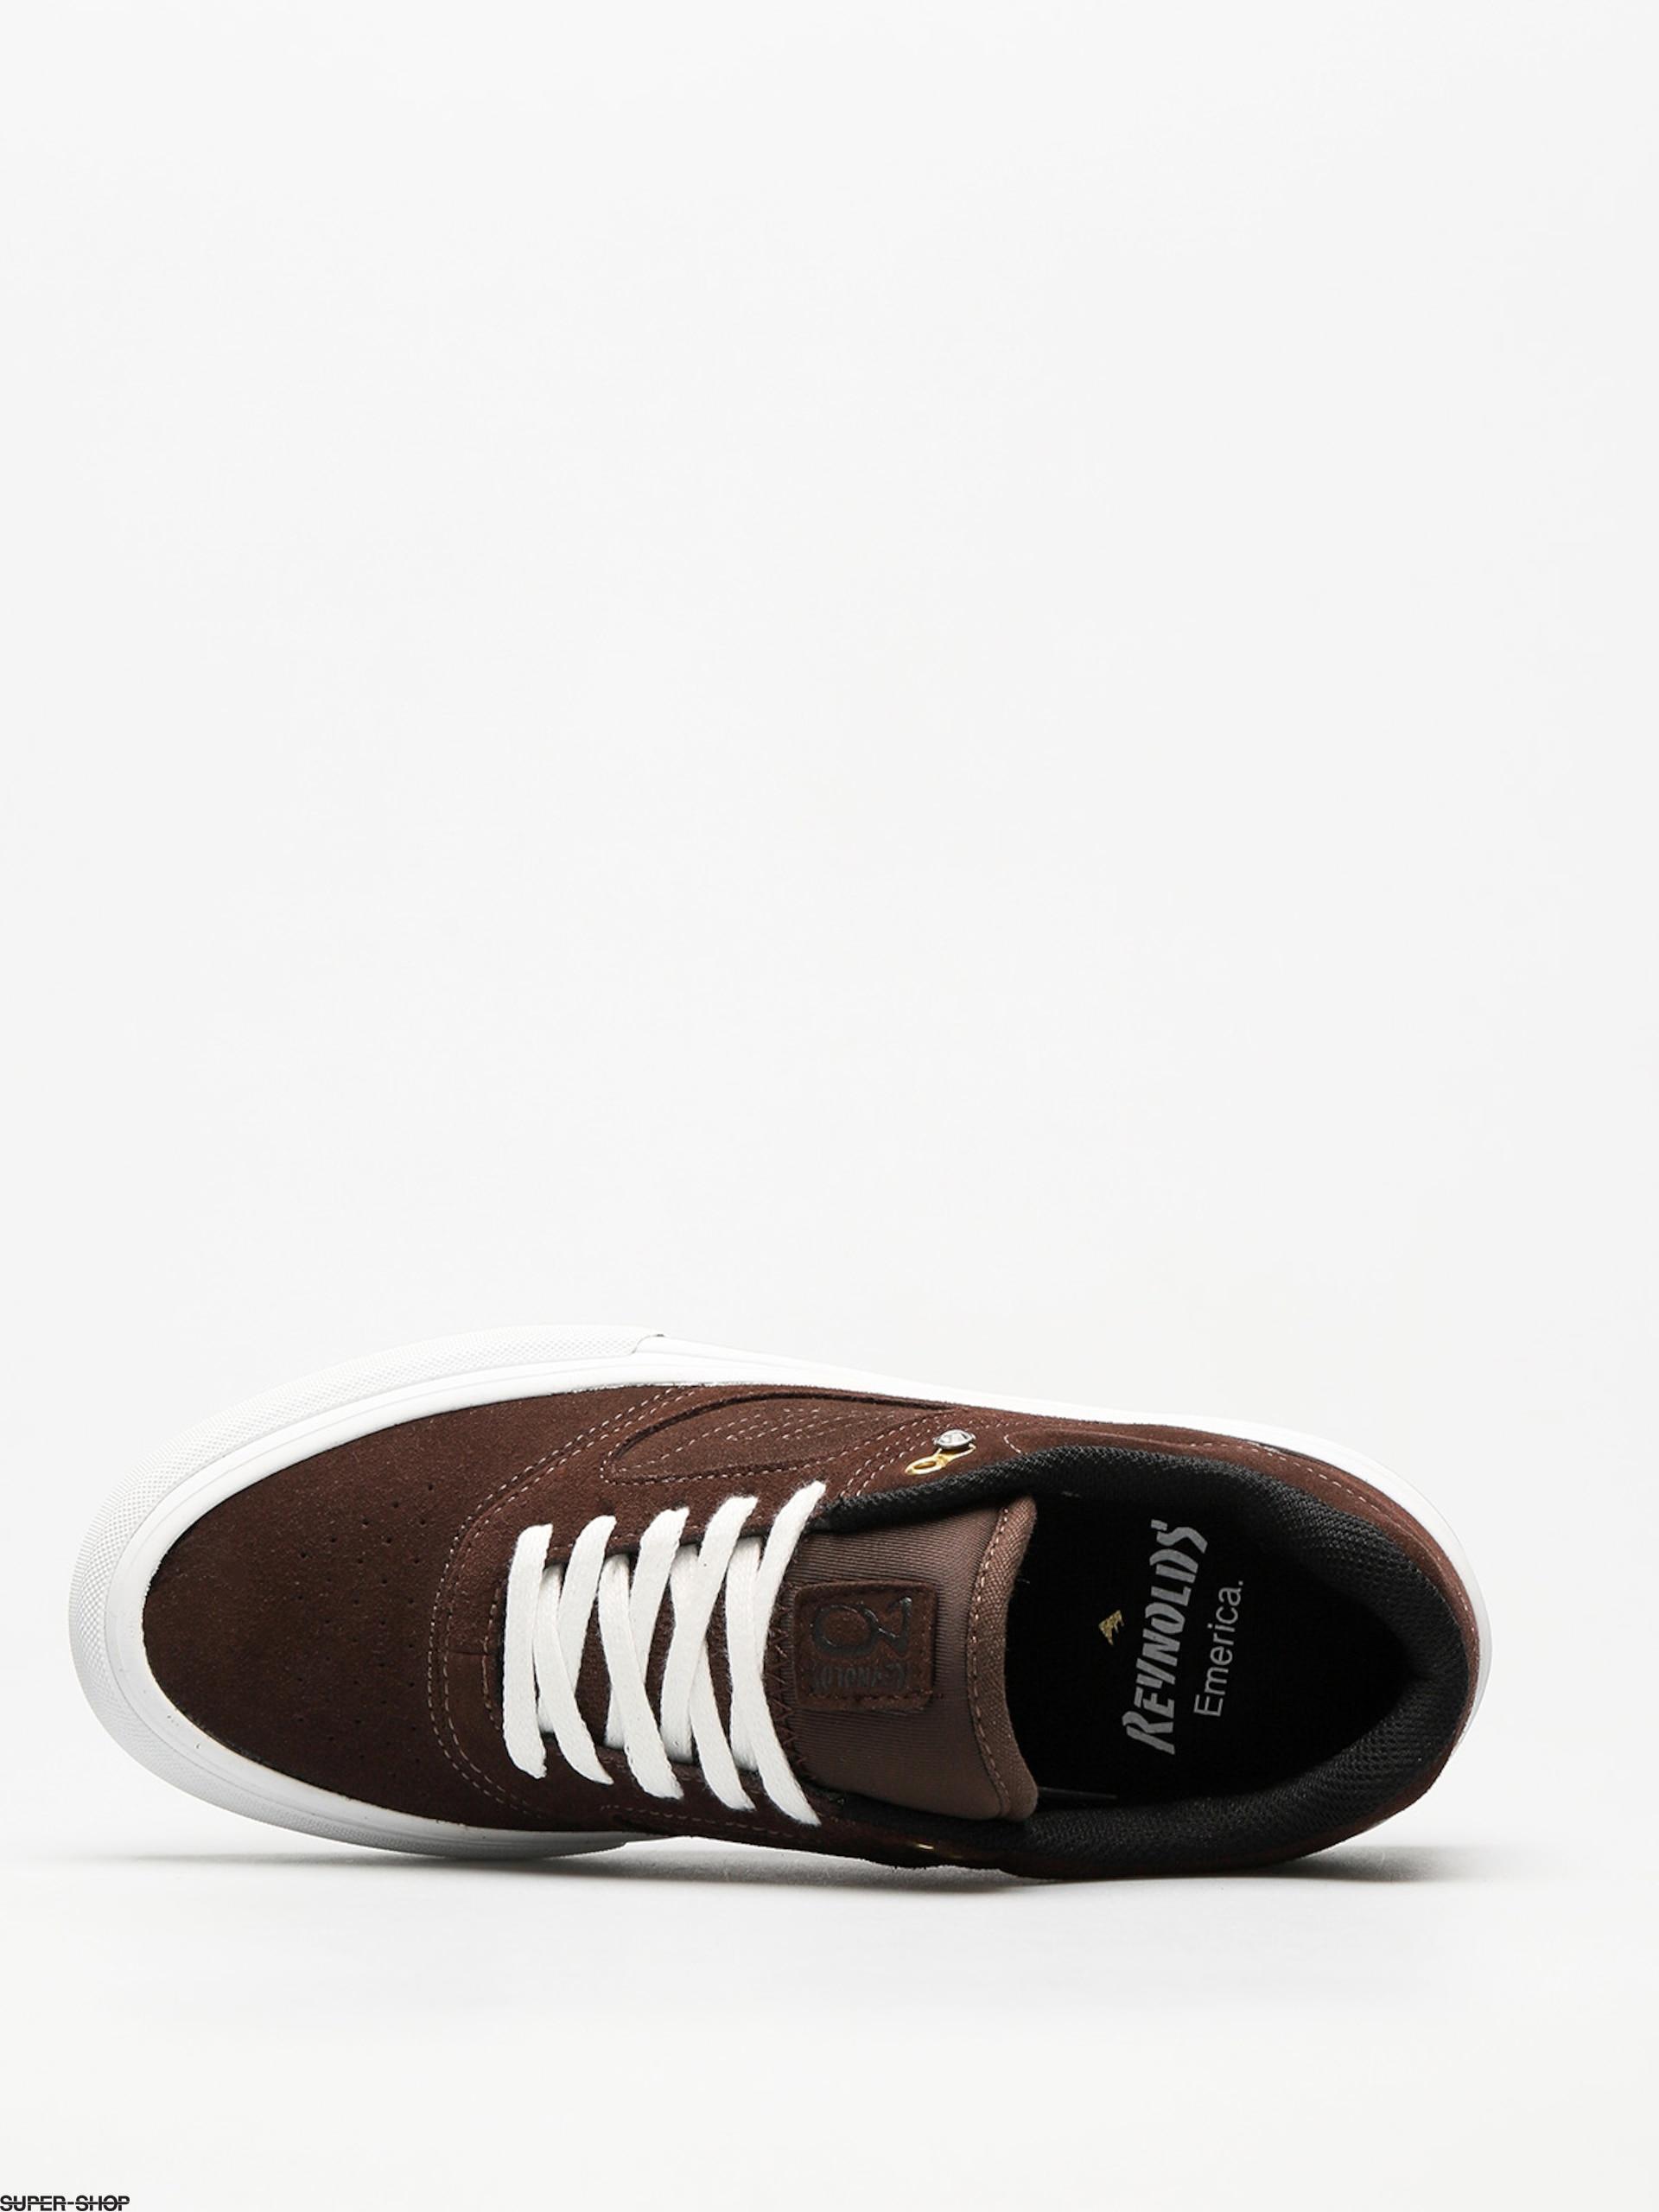 Herrenschuhe Neueste Kollektion Von Emerica Tan Braun Reynolds 3 G6 Vulc Schuhe